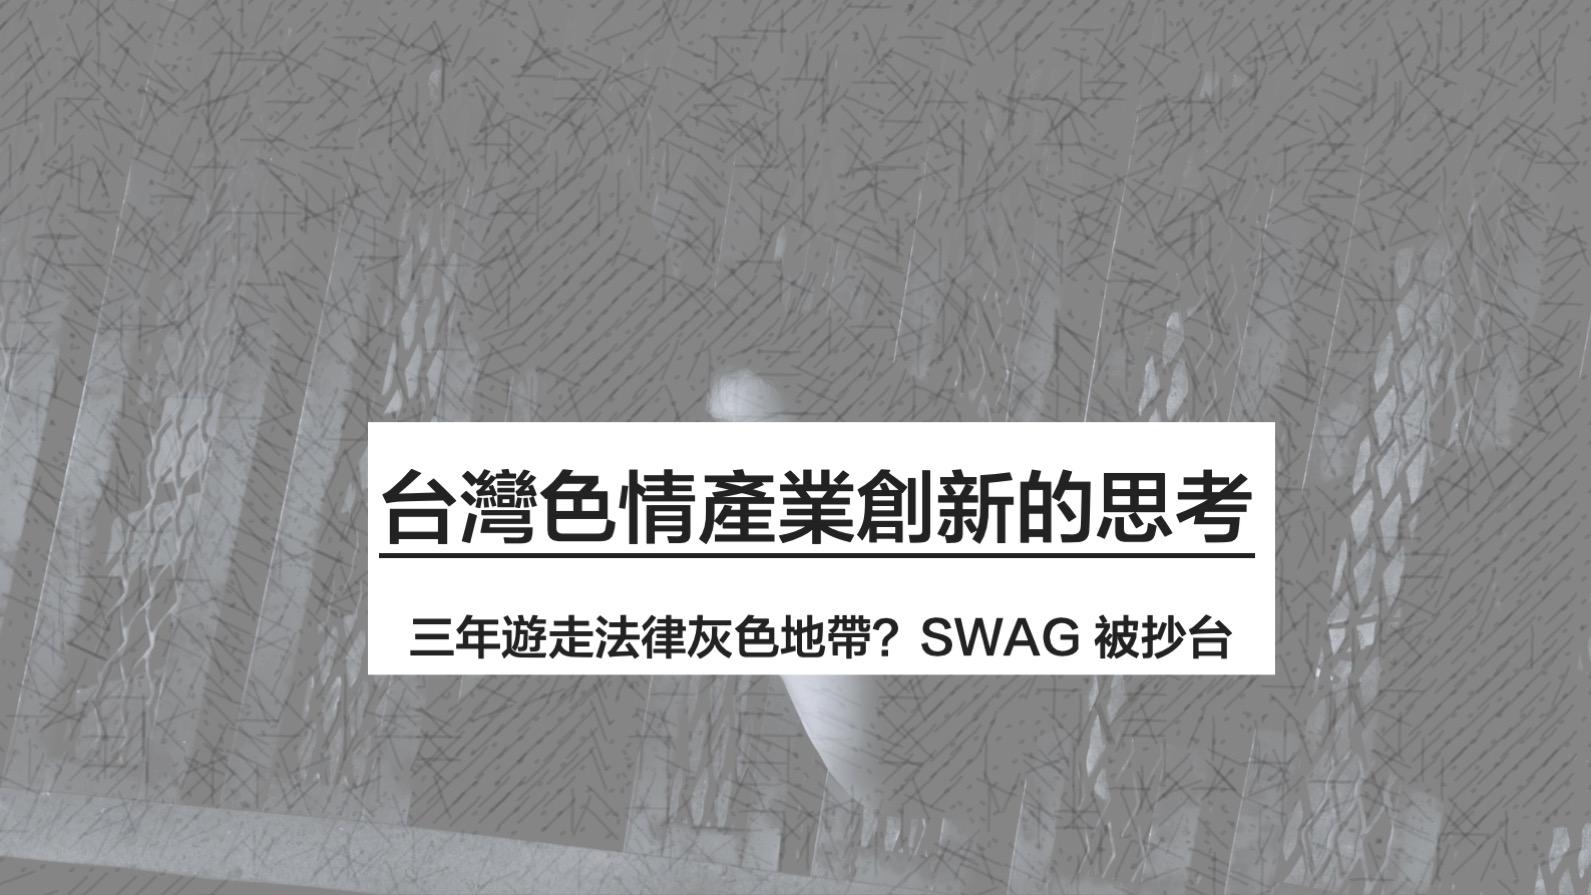 黃沛聲律師-SWAG-台灣色情產業創新的思考